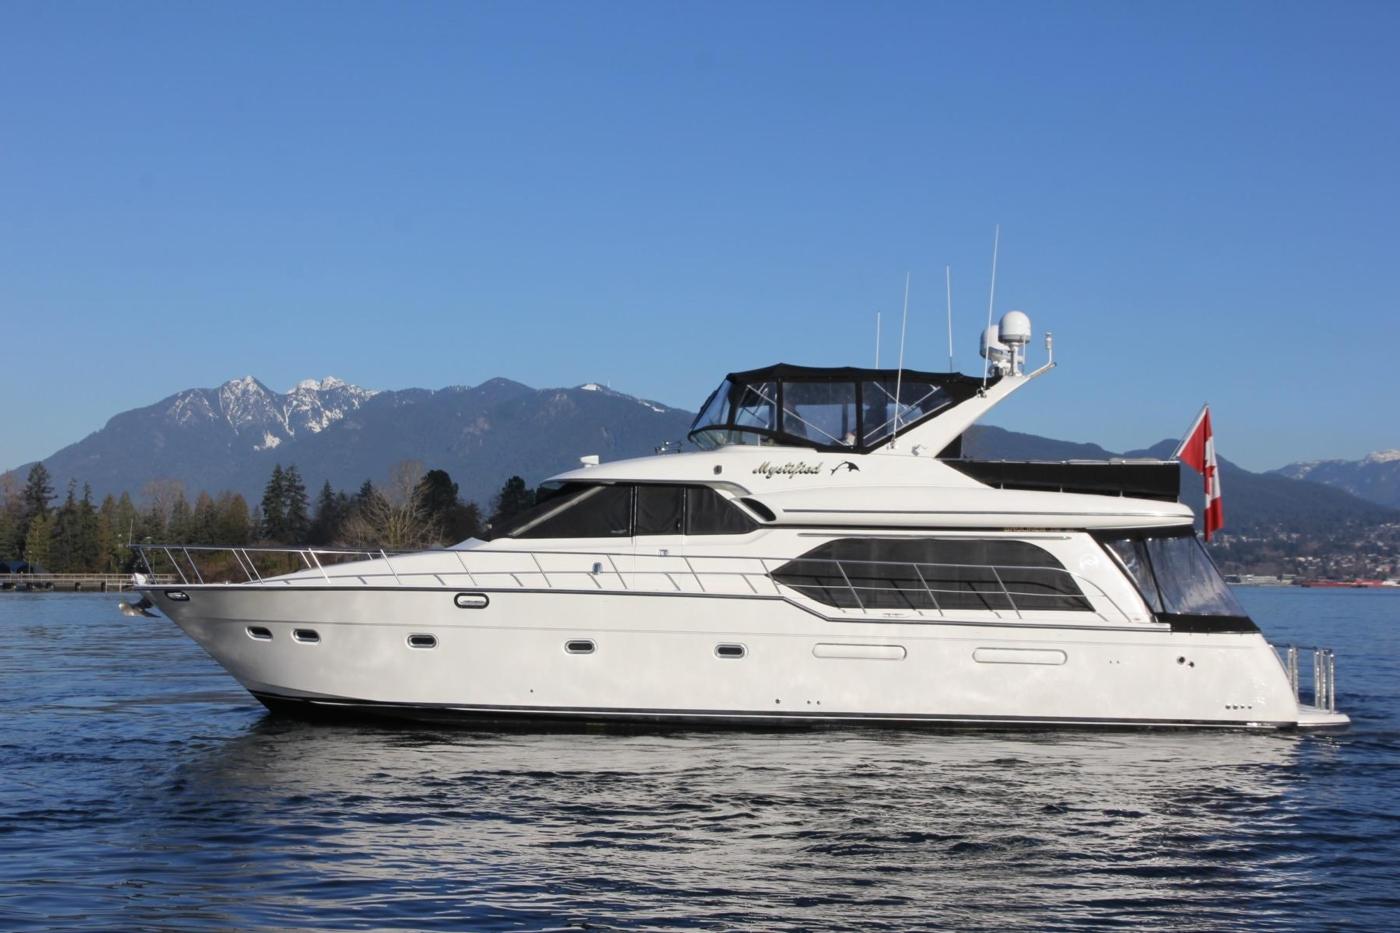 1999 Bayliner 5788 Pilot House Motoryacht, Vessel Profile